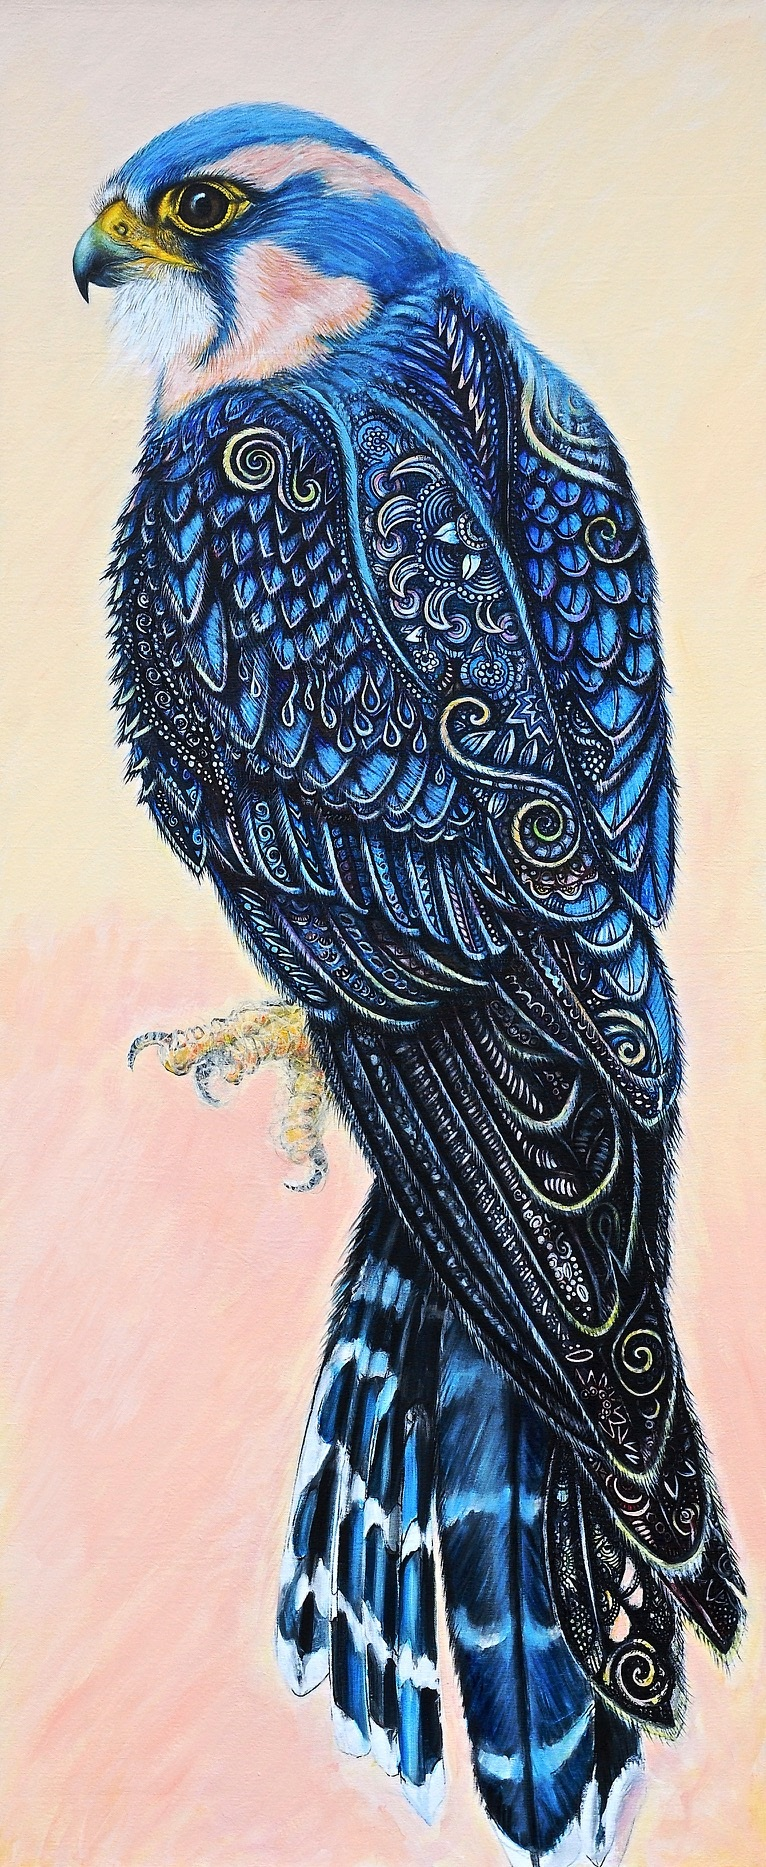 Deborah Diana - Mixed Media Paintings, Lancaster, PA